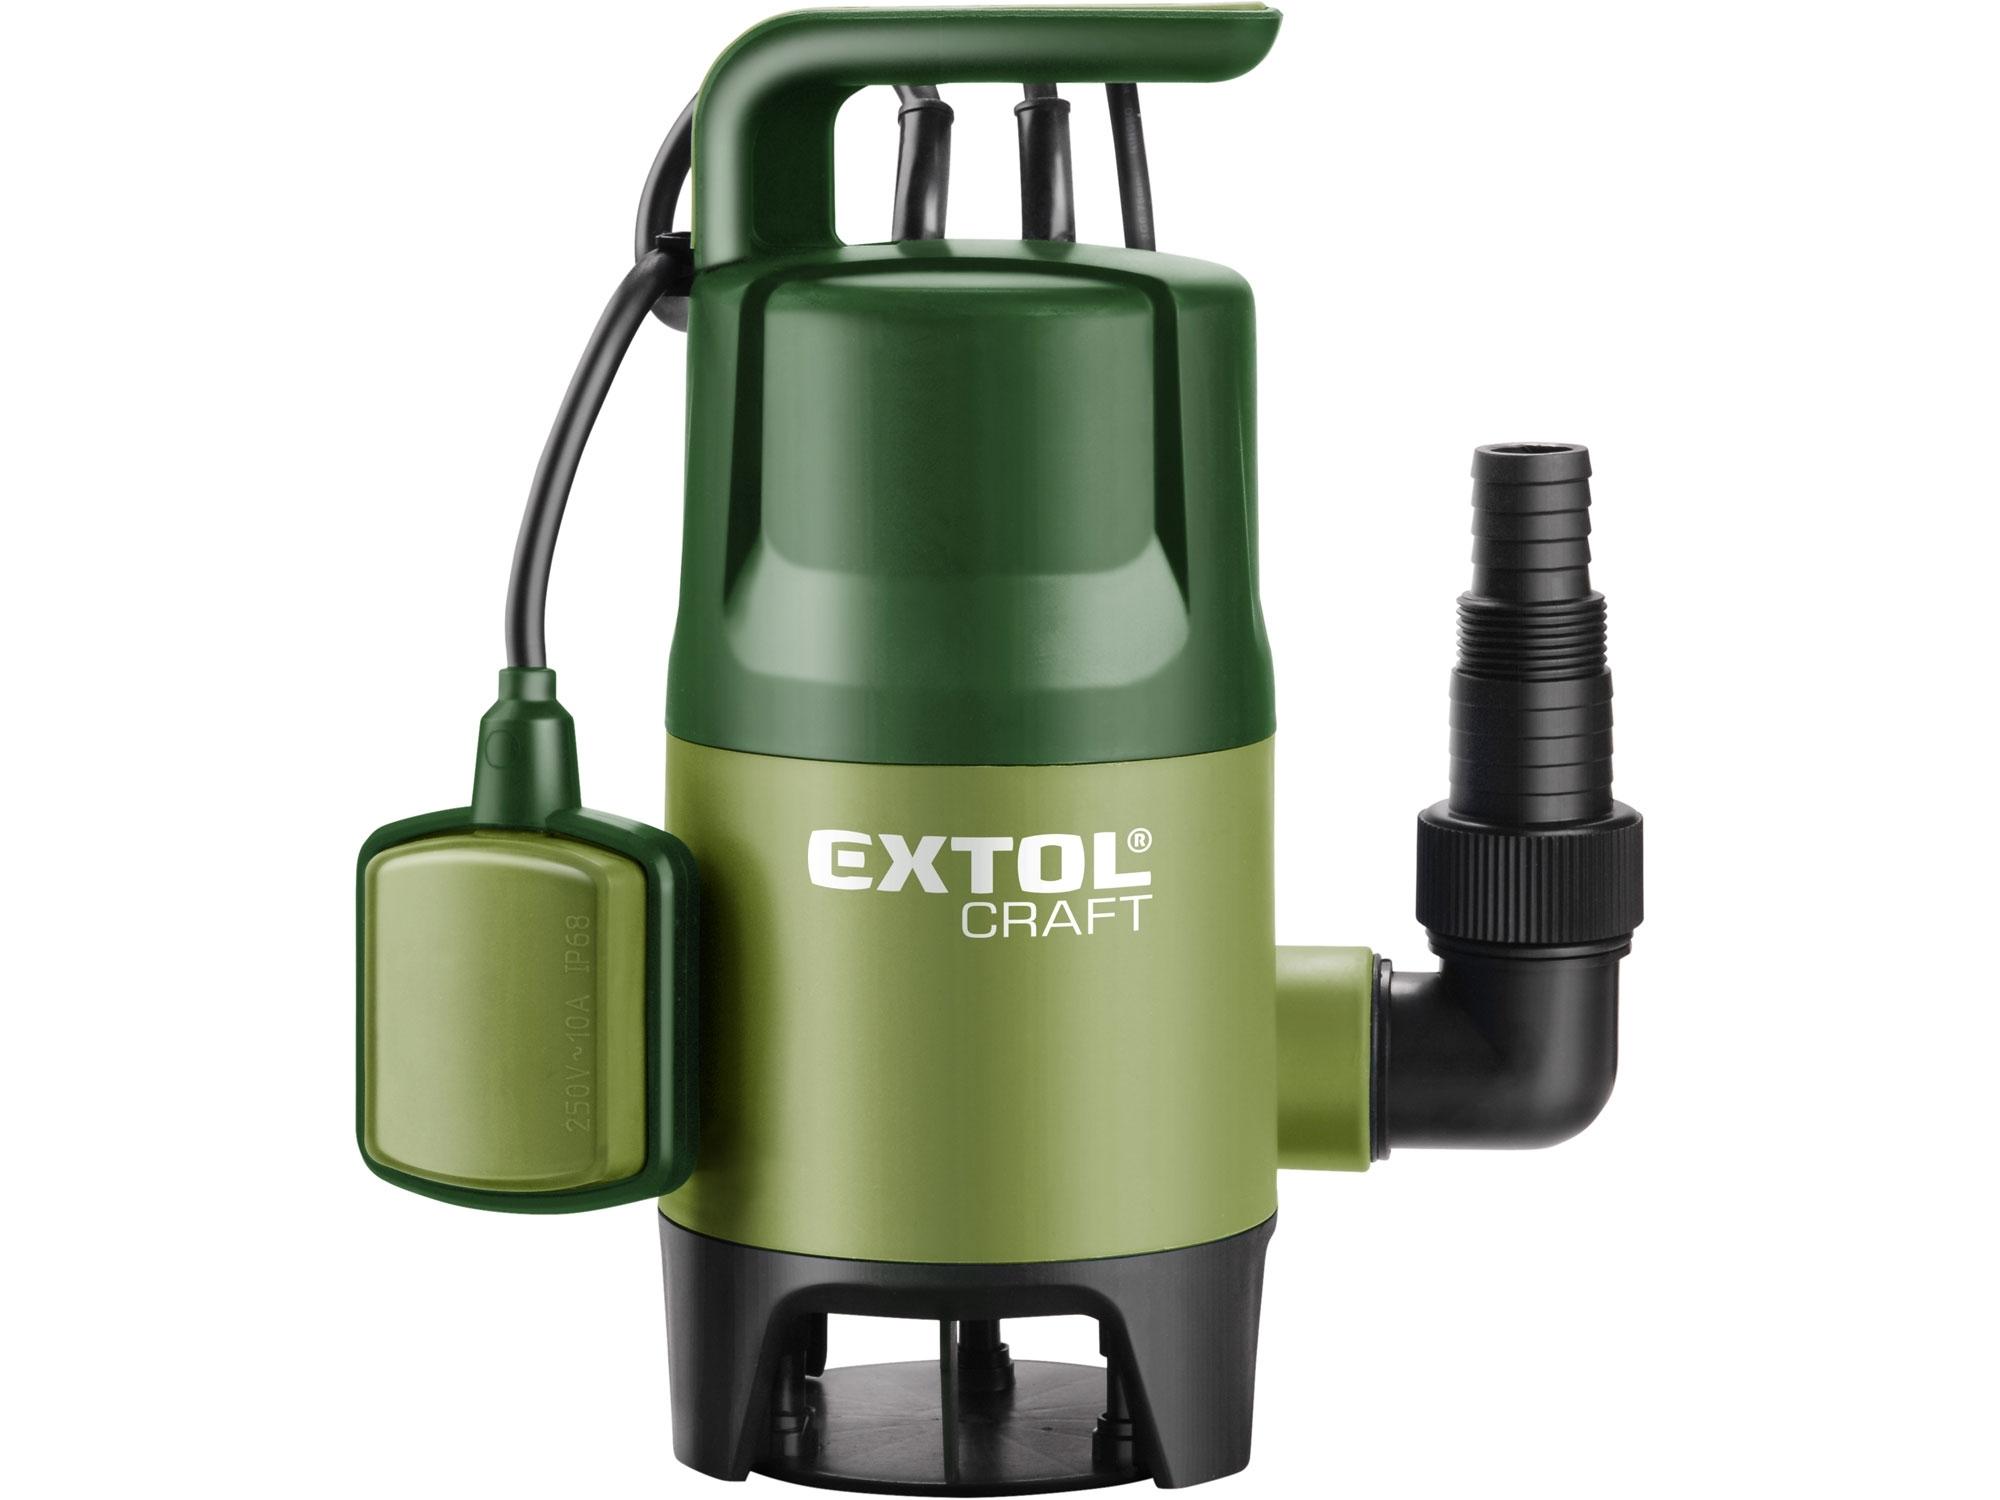 čerpadlo na znečištěnou vodu, 400W, 7500l/hod, EXTOL CRAFT 414122